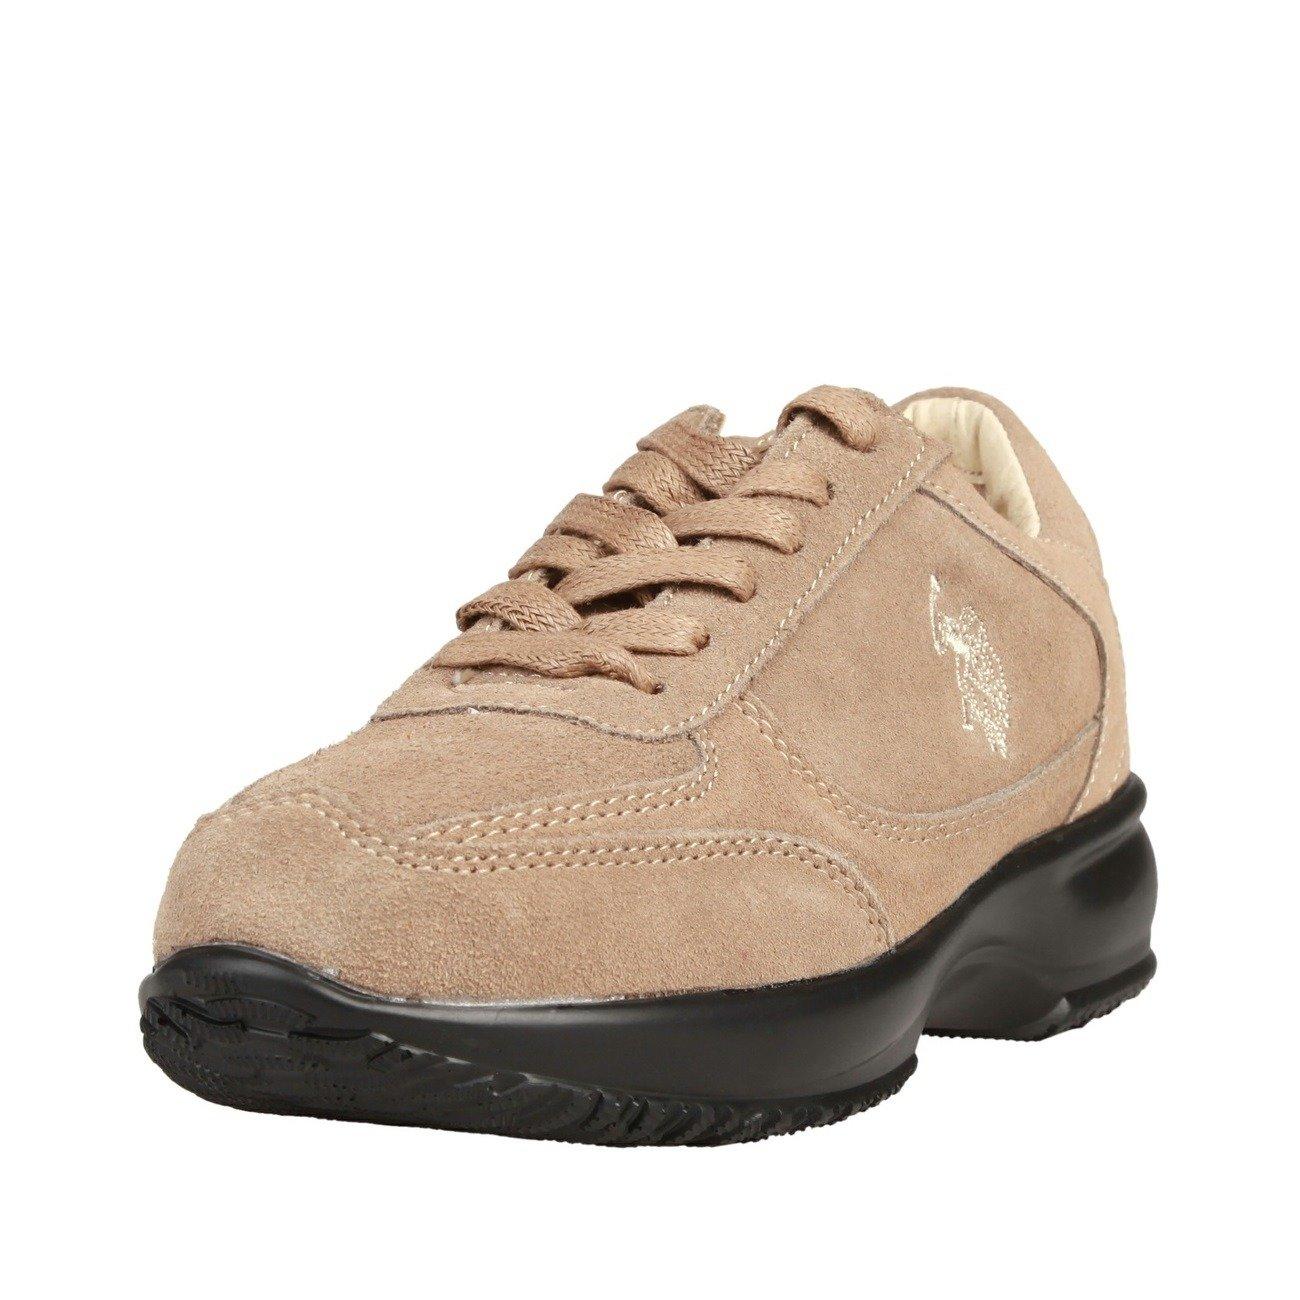 Women sPolo Schuhe Veloursleder U Beige Sneaker Shoes AssnDamen O0wvmnN8y